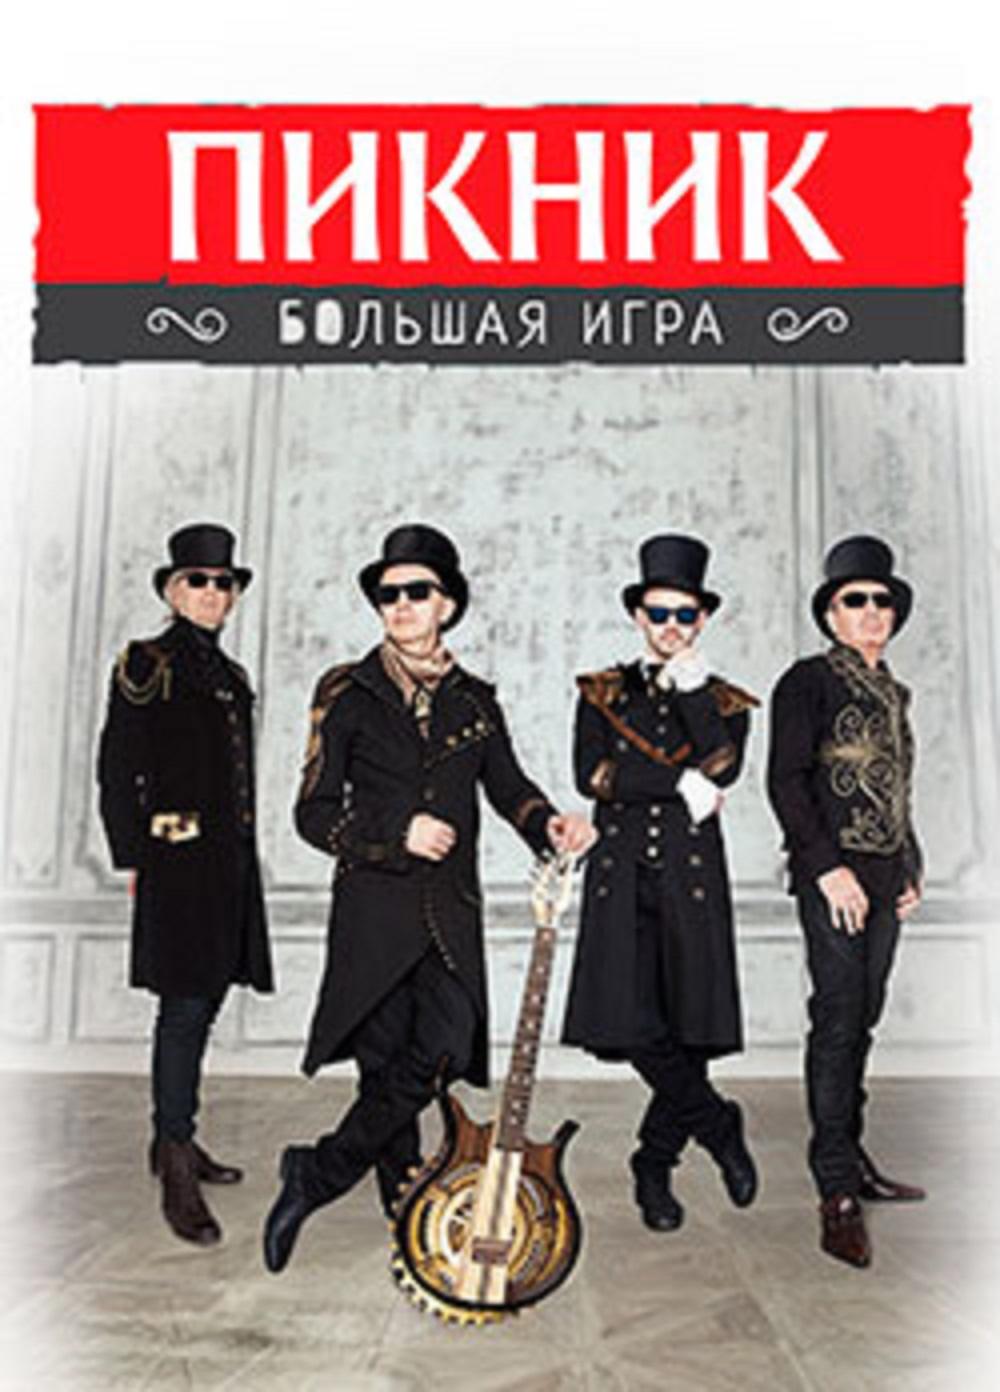 В Челябинске на сцене театра оперы и балета 8 февраля состоится концерт «Большая игра» группы «Пи